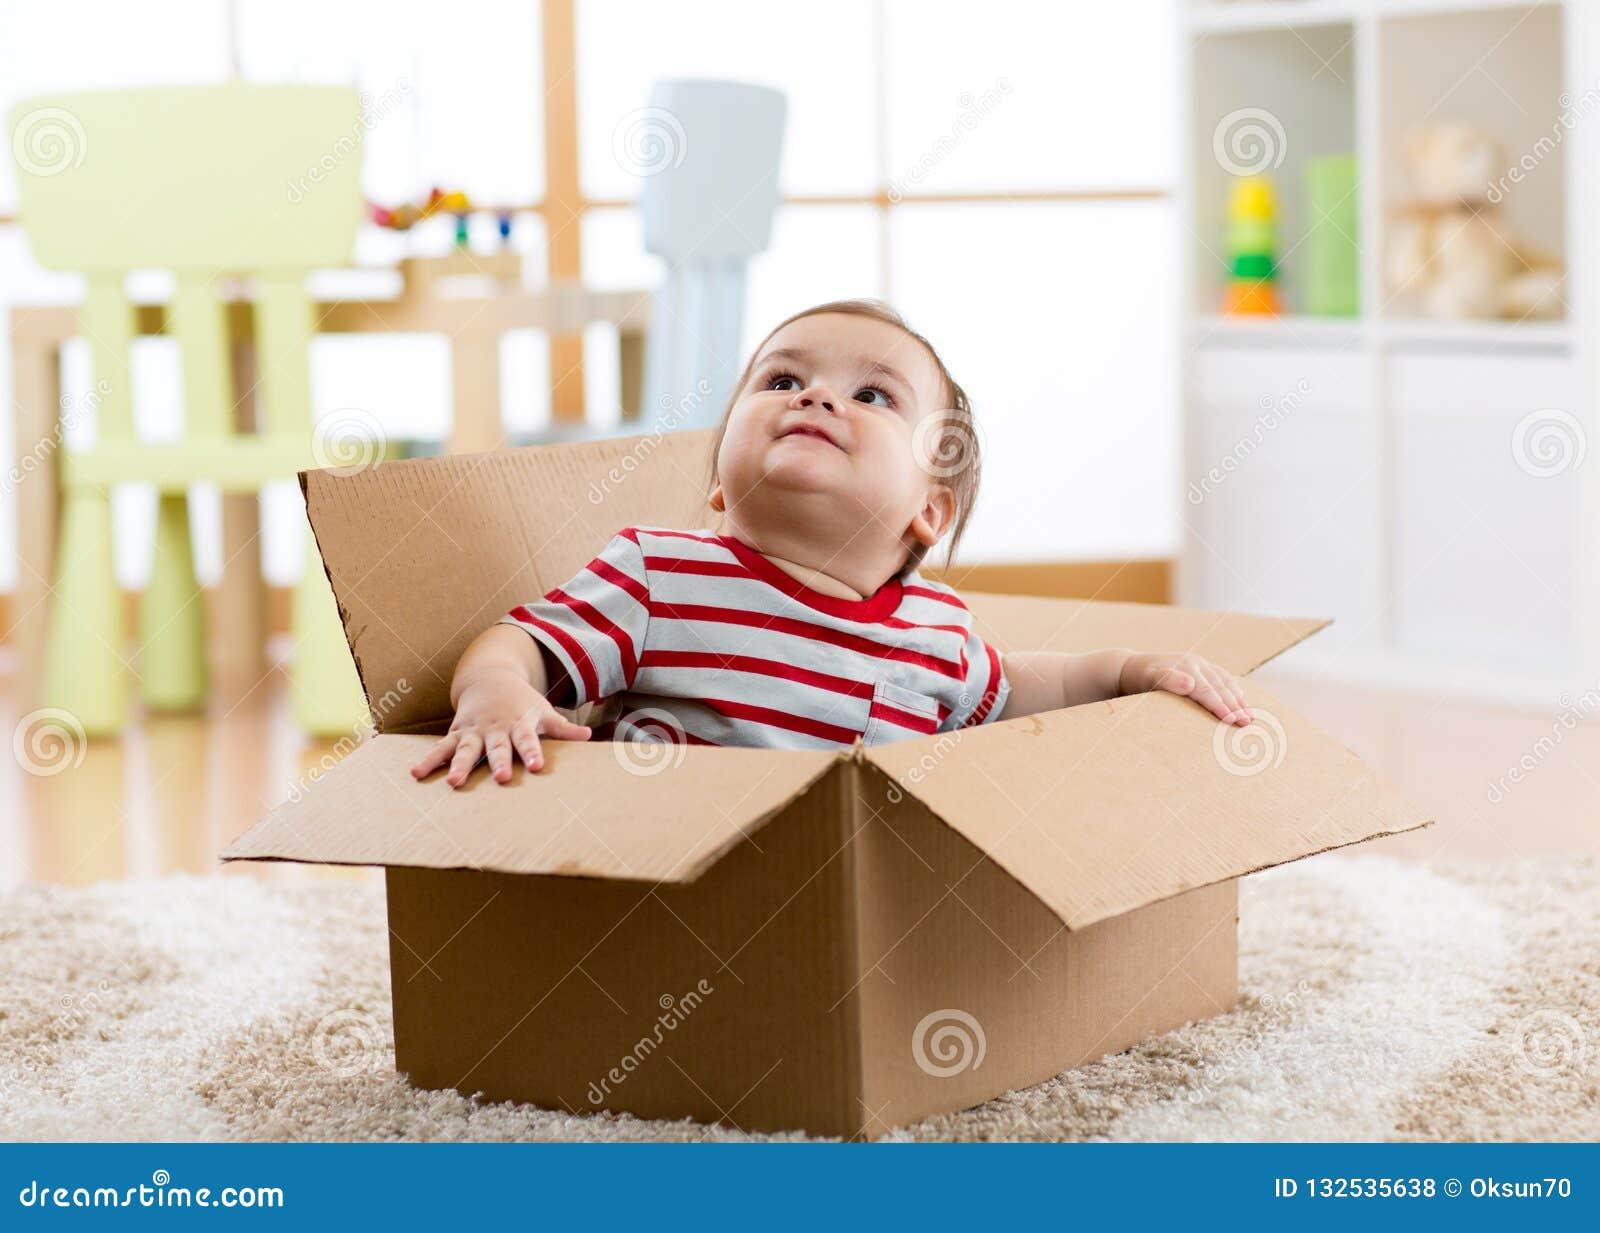 Cute Little Baby Boy Sitting Inside Cardboard Box, Moving ...